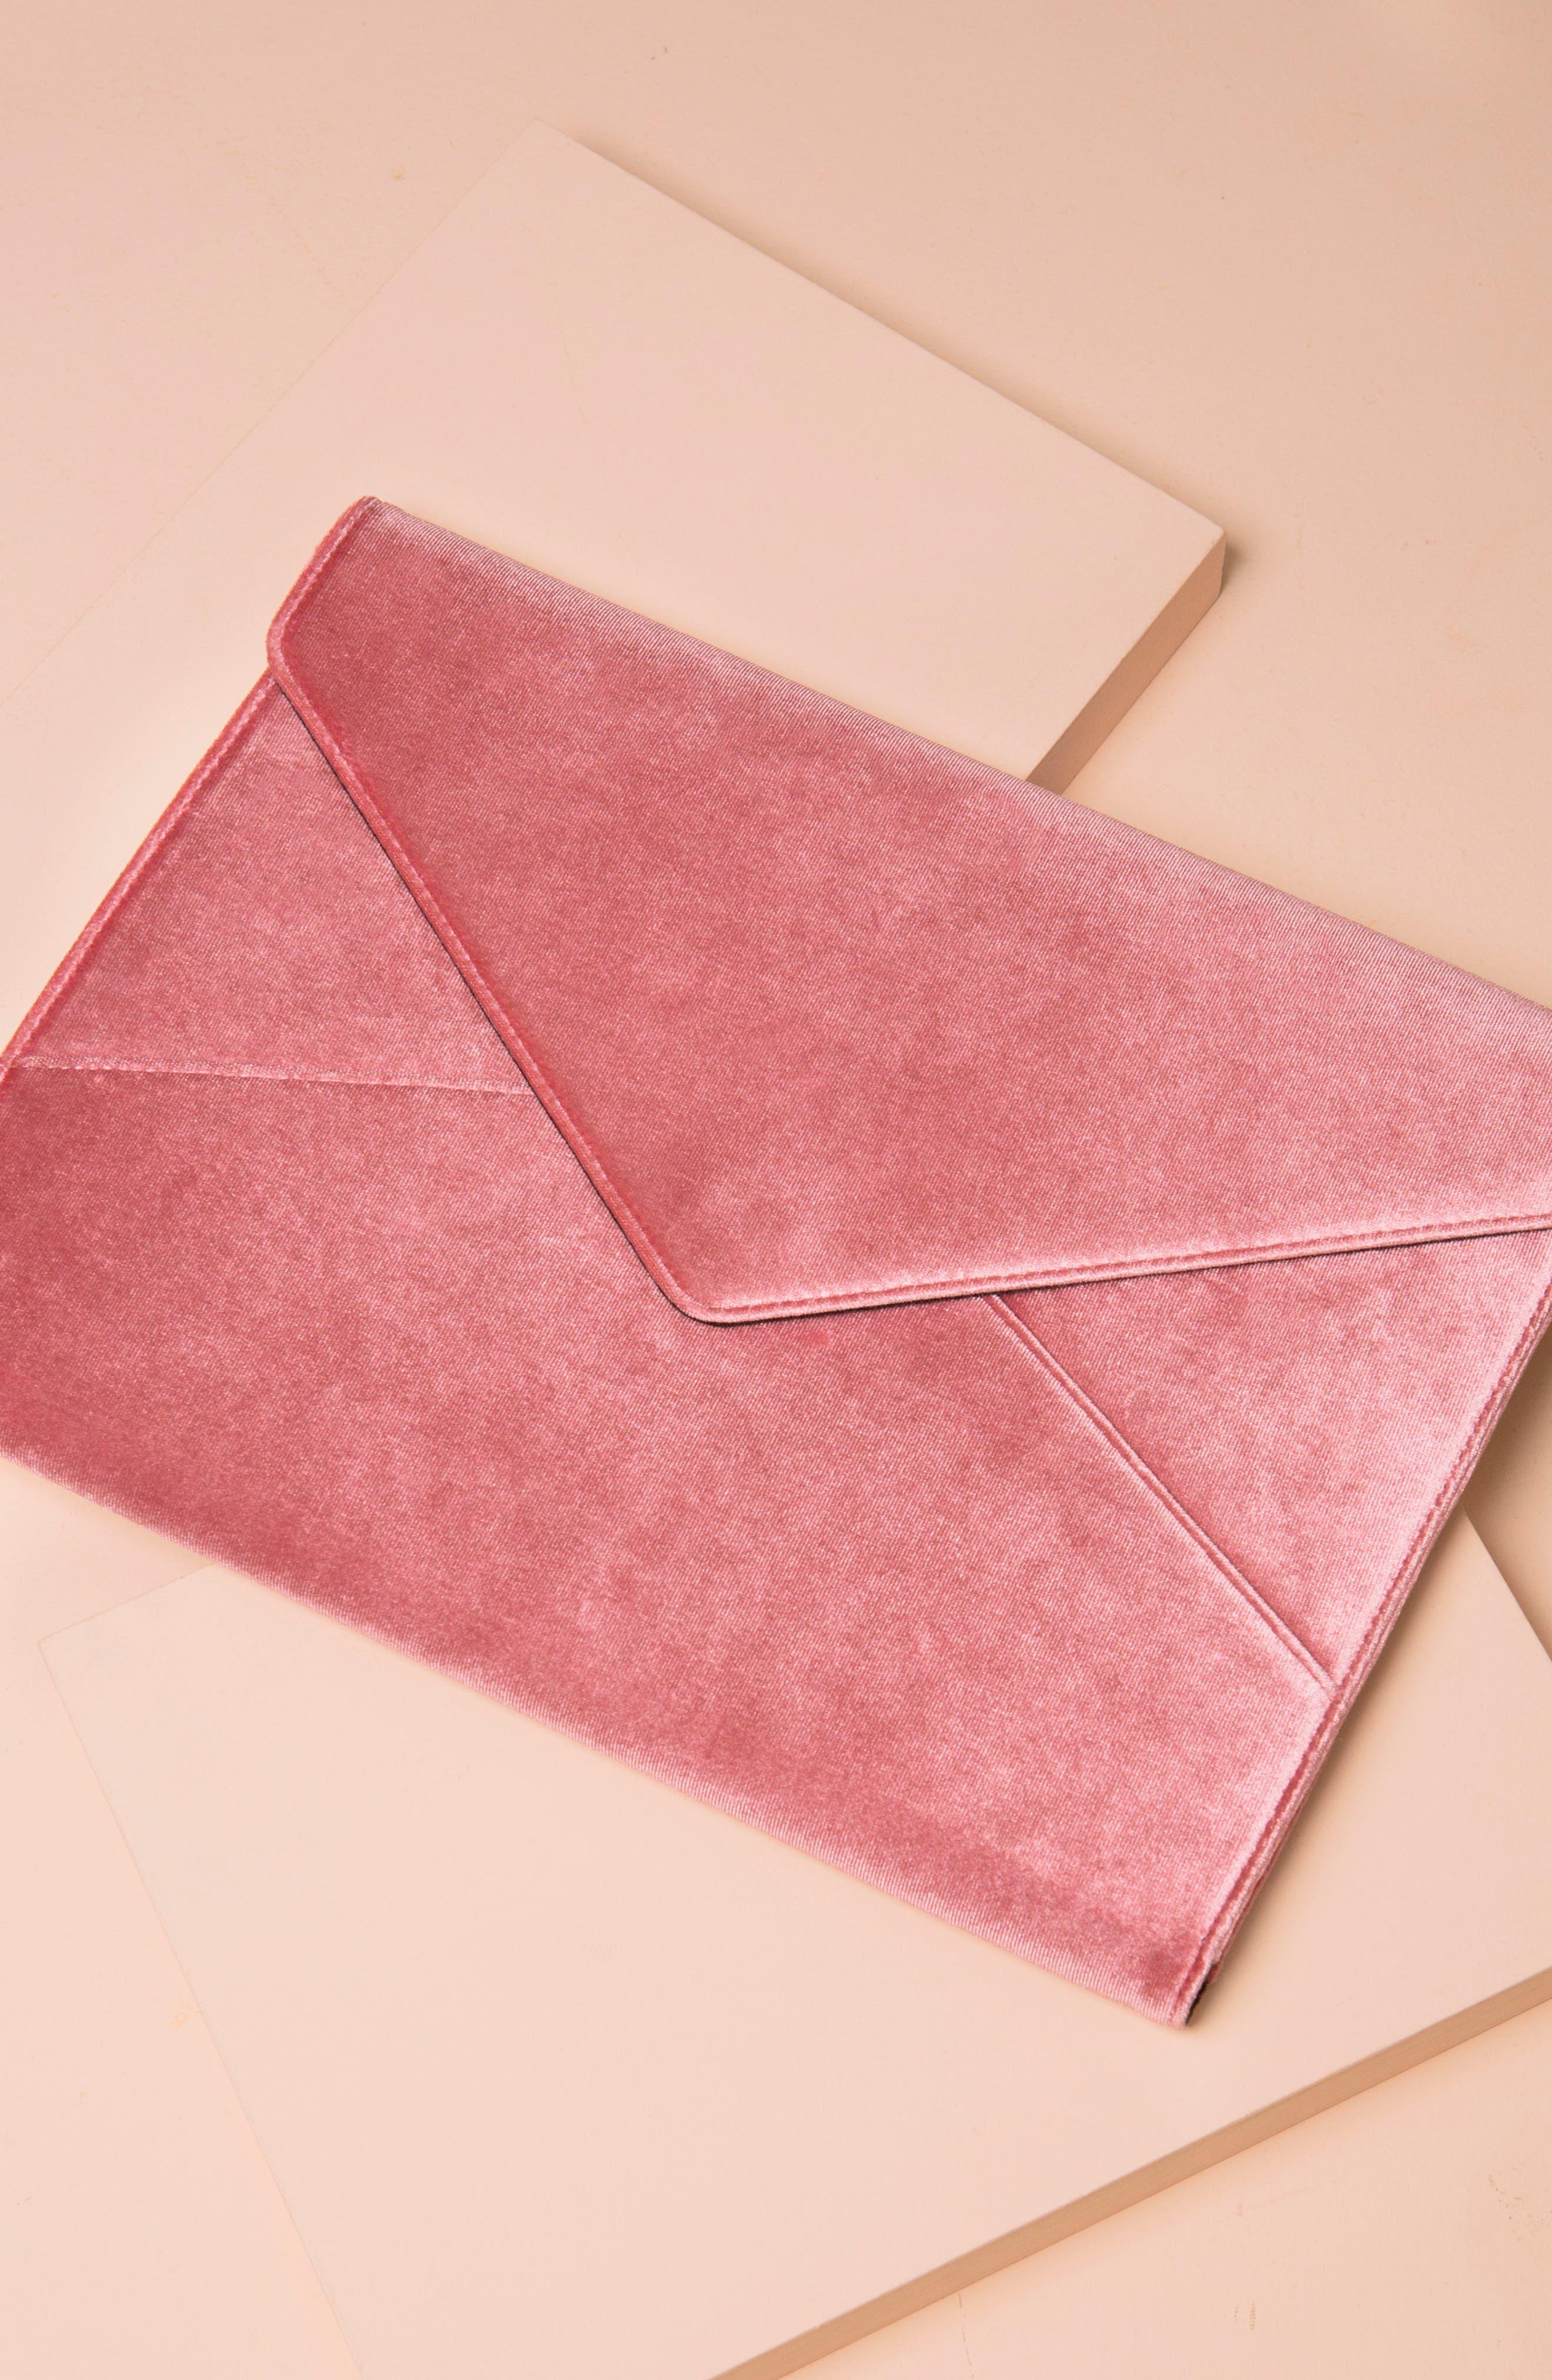 Rose Velvet Laptop Clutch,                             Alternate thumbnail 5, color,                             650